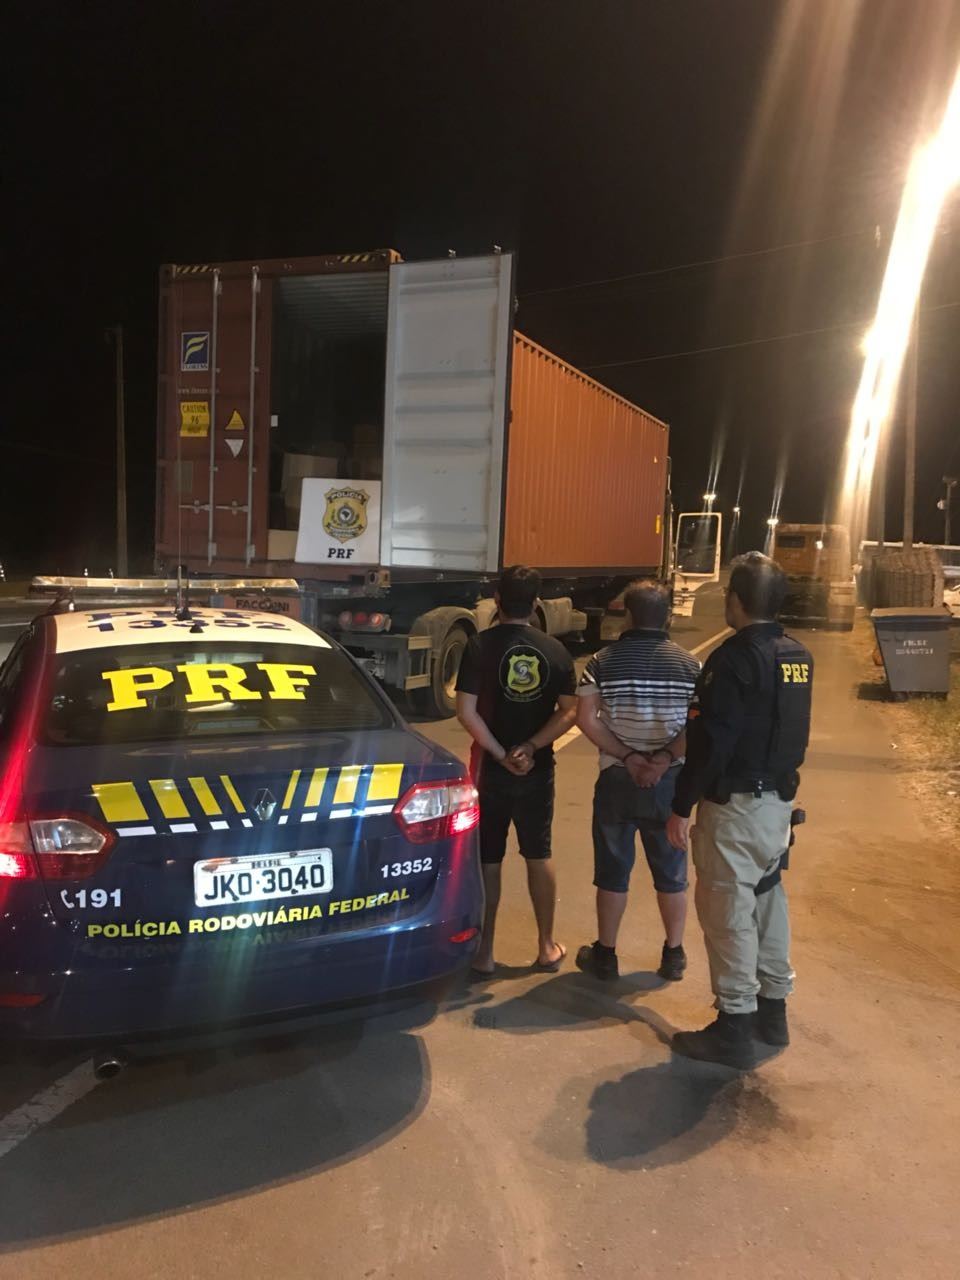 Um mês após denunciar roubo de carga na polícia, caminhoneiro é preso no DF com mercadoria